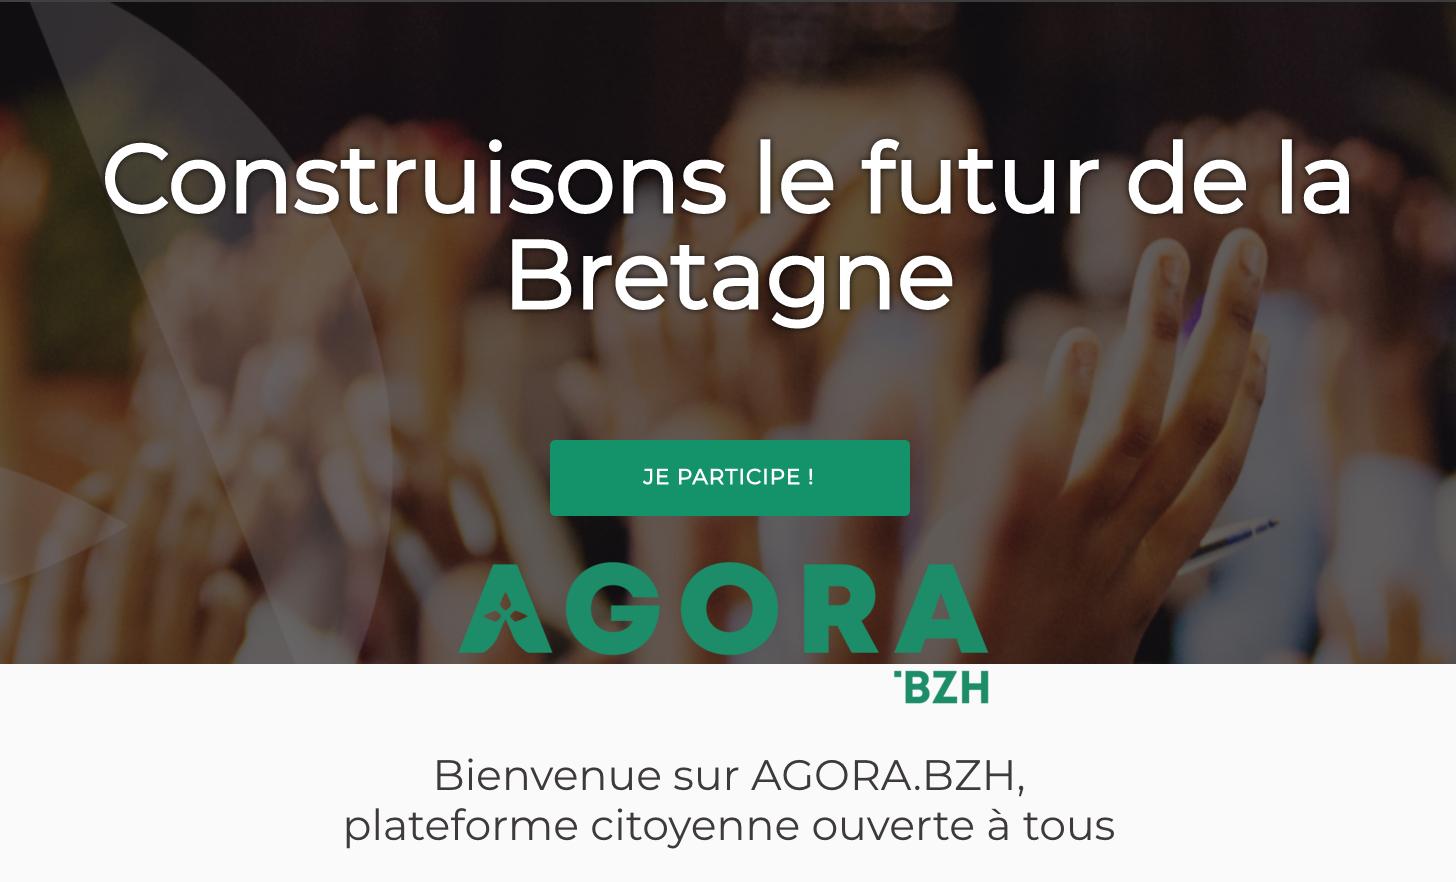 Construisons le futur de la Bretagne - AGORA.BZH, plateforme citoyenne ouverte à tous